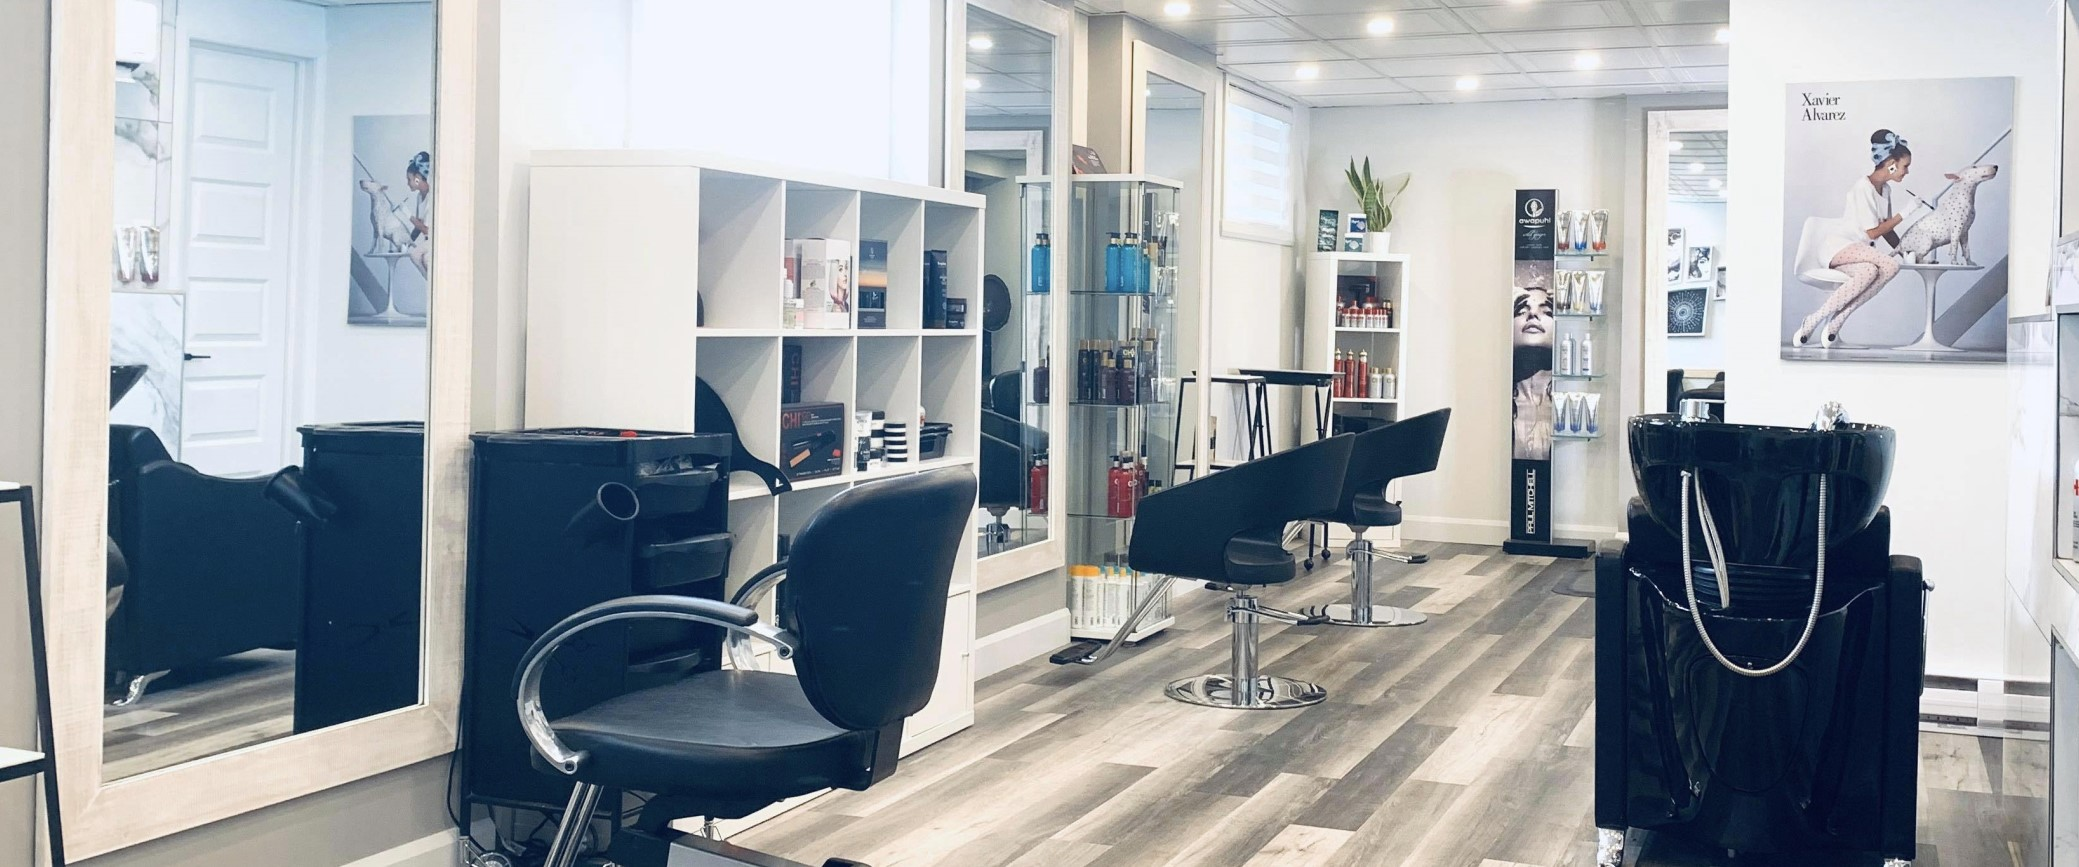 Salon de coiffure à Saint-Augustin-de-Desmaures